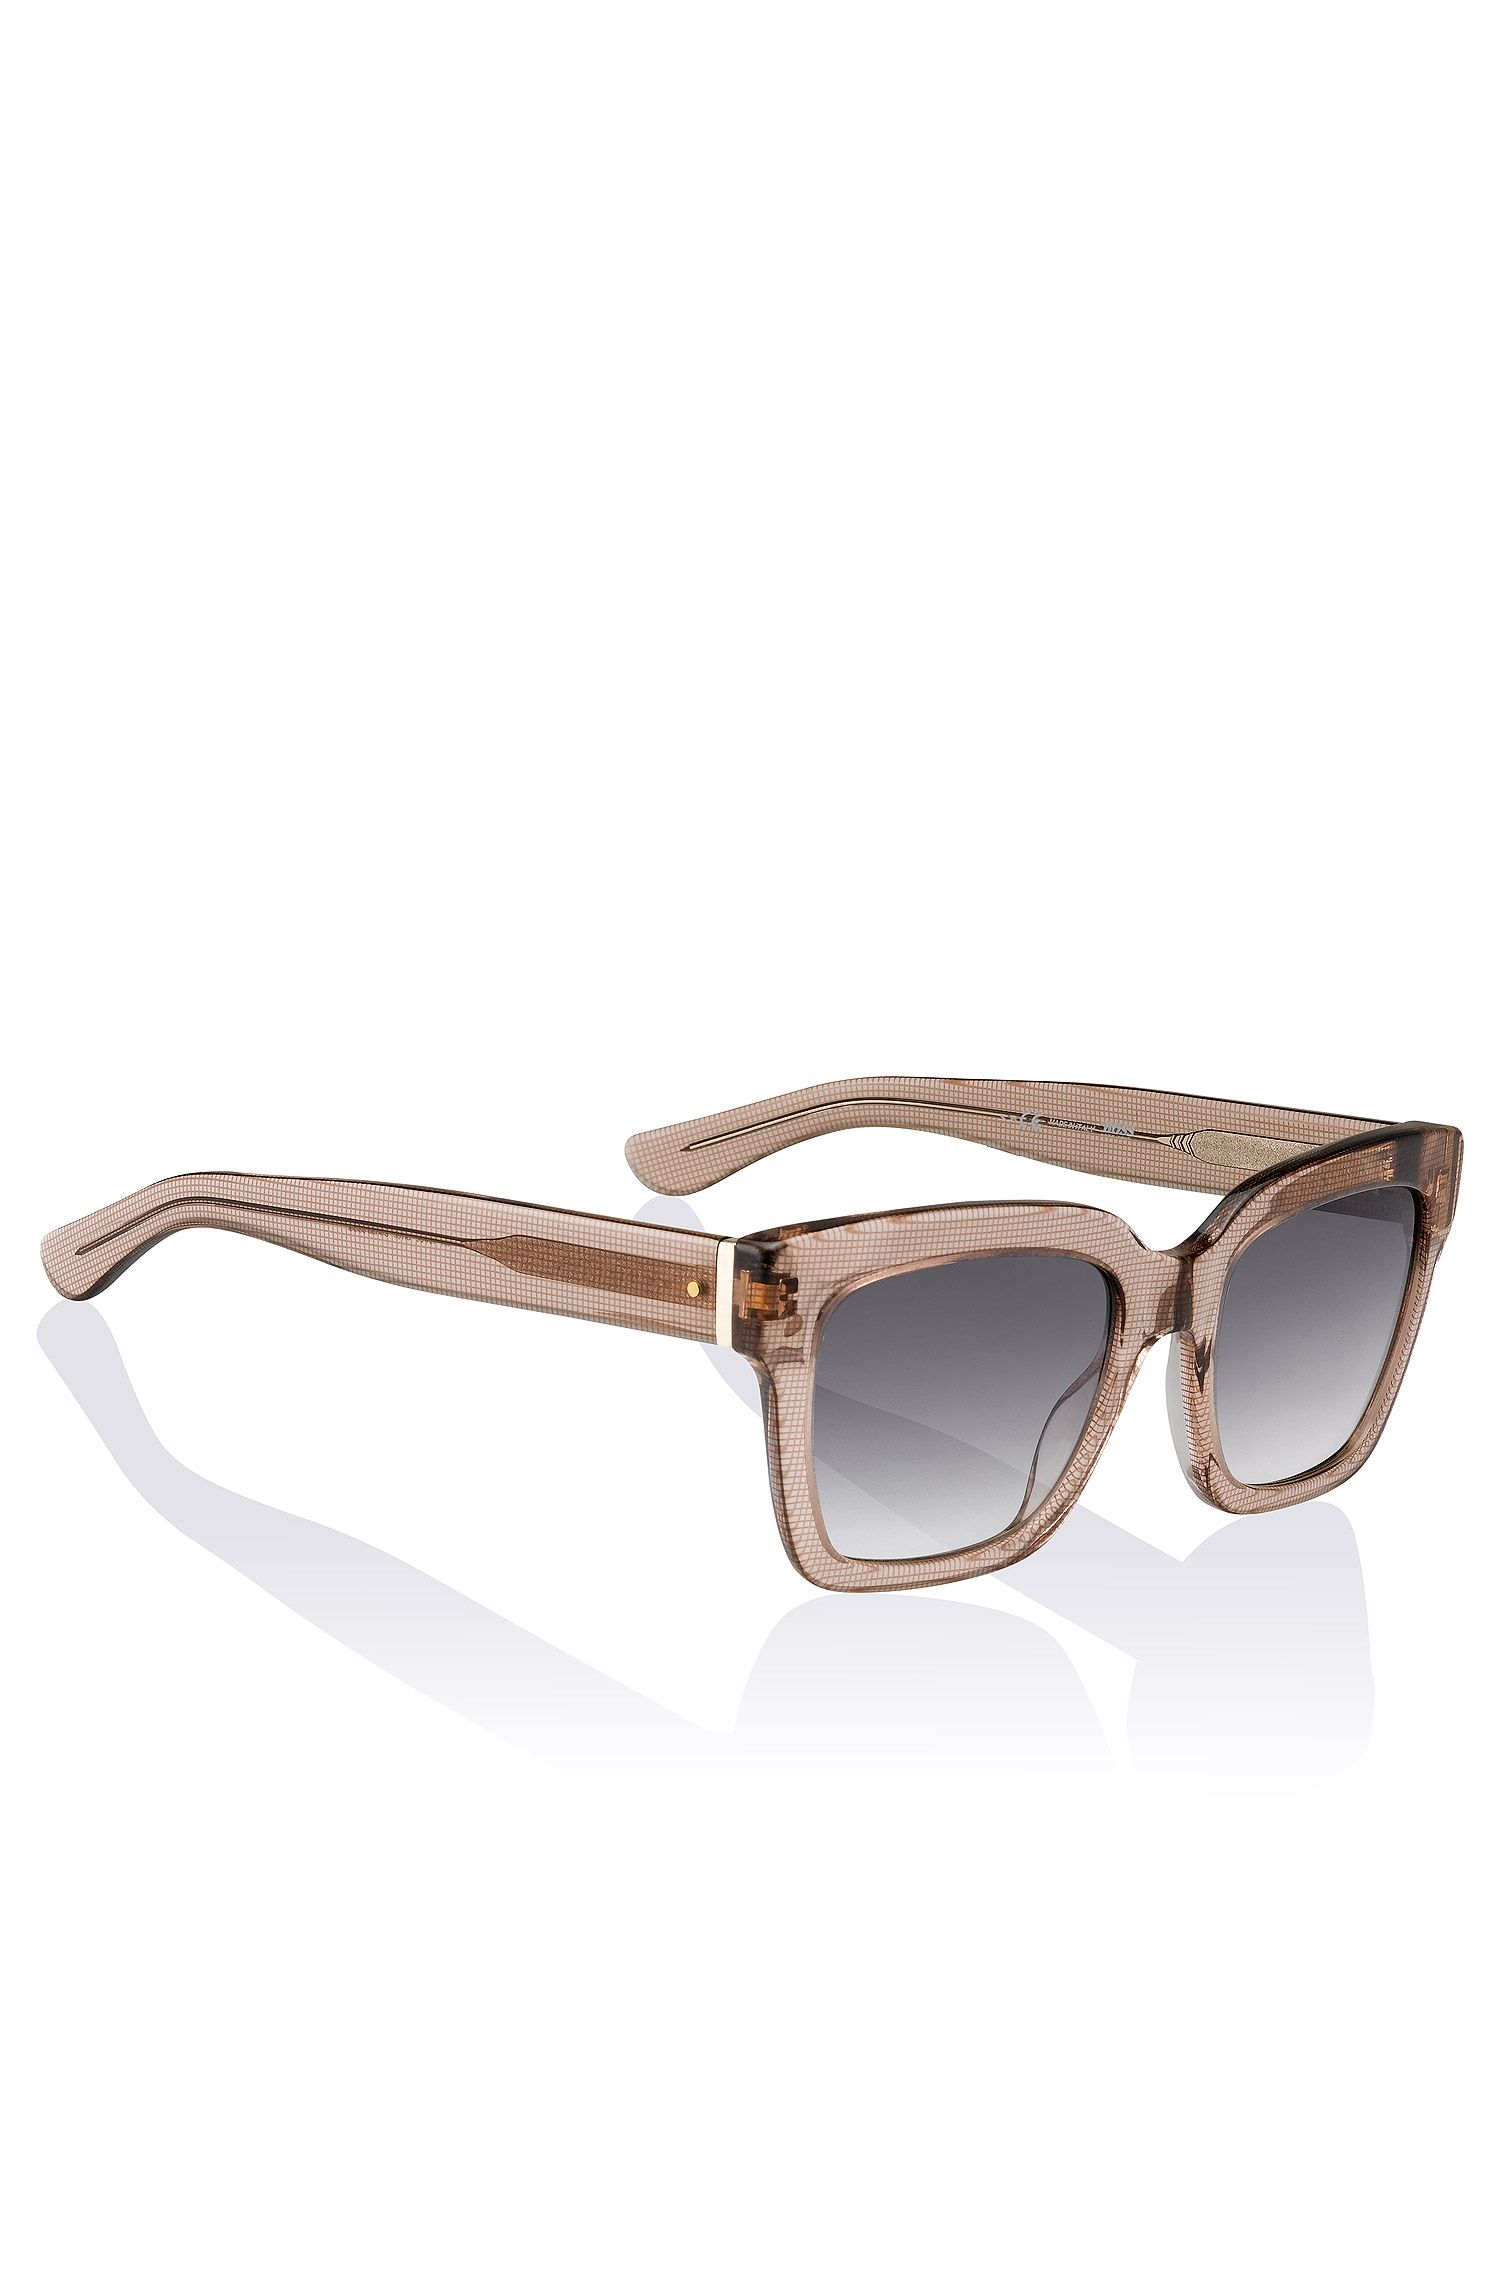 Wayfarer-zonnebril 'BOSS 0674' van acetaat en metaal